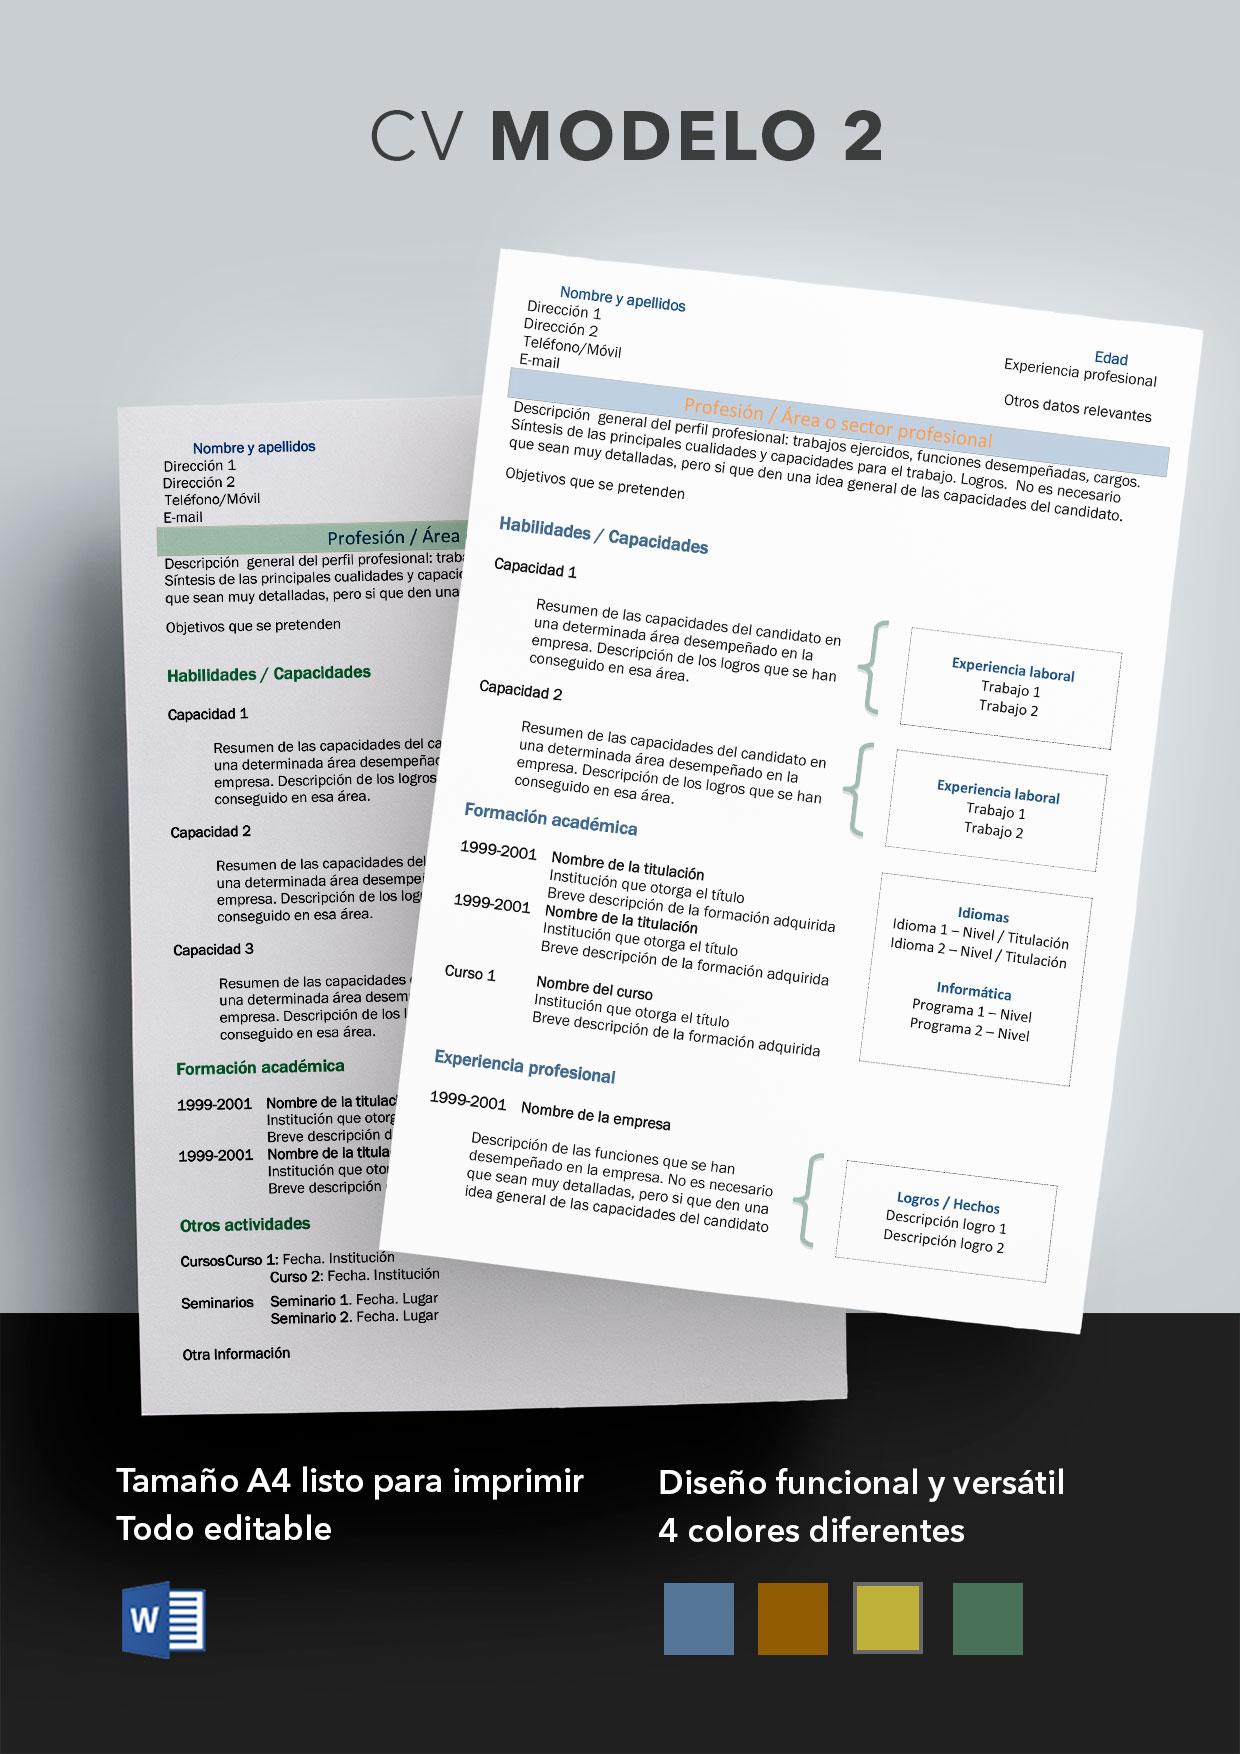 Curriculum Vitae Modelo 2 | Plantillas de currículum